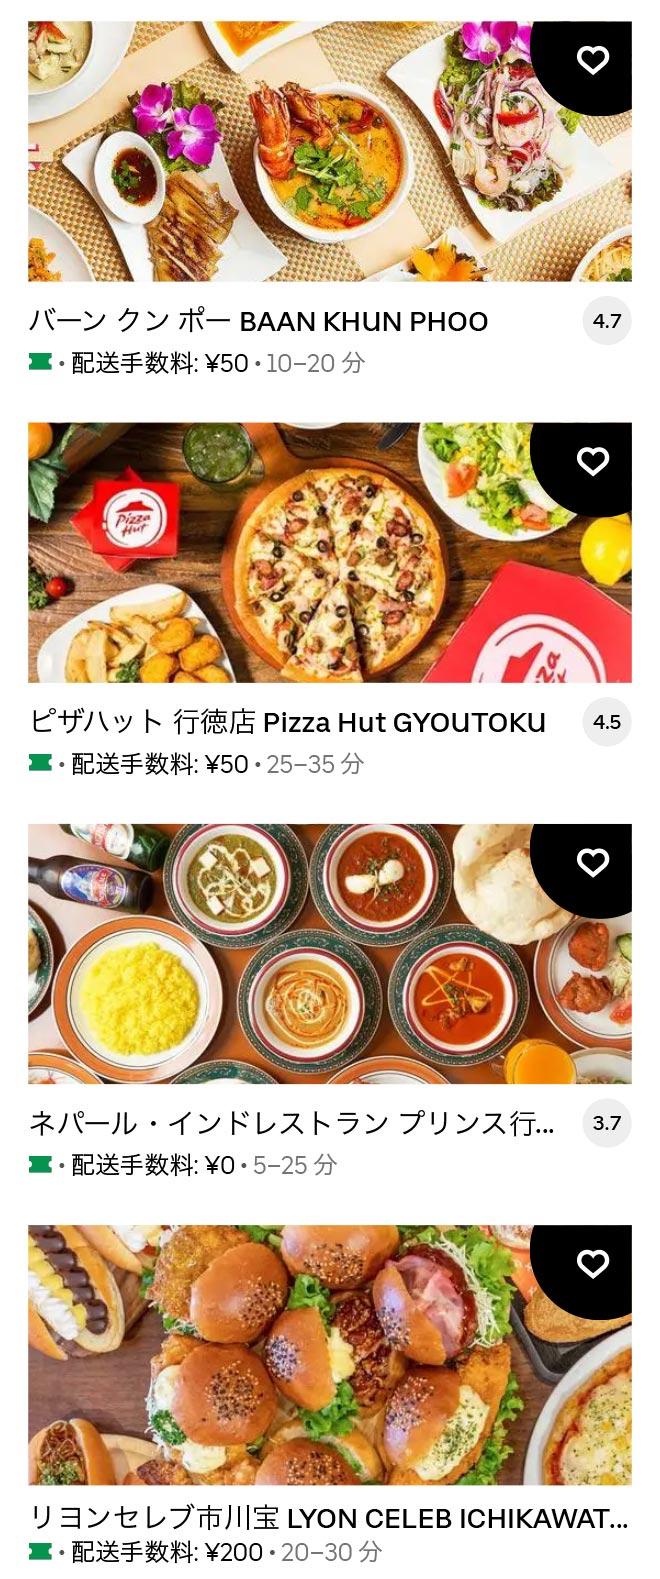 U gyotoku 2105 07